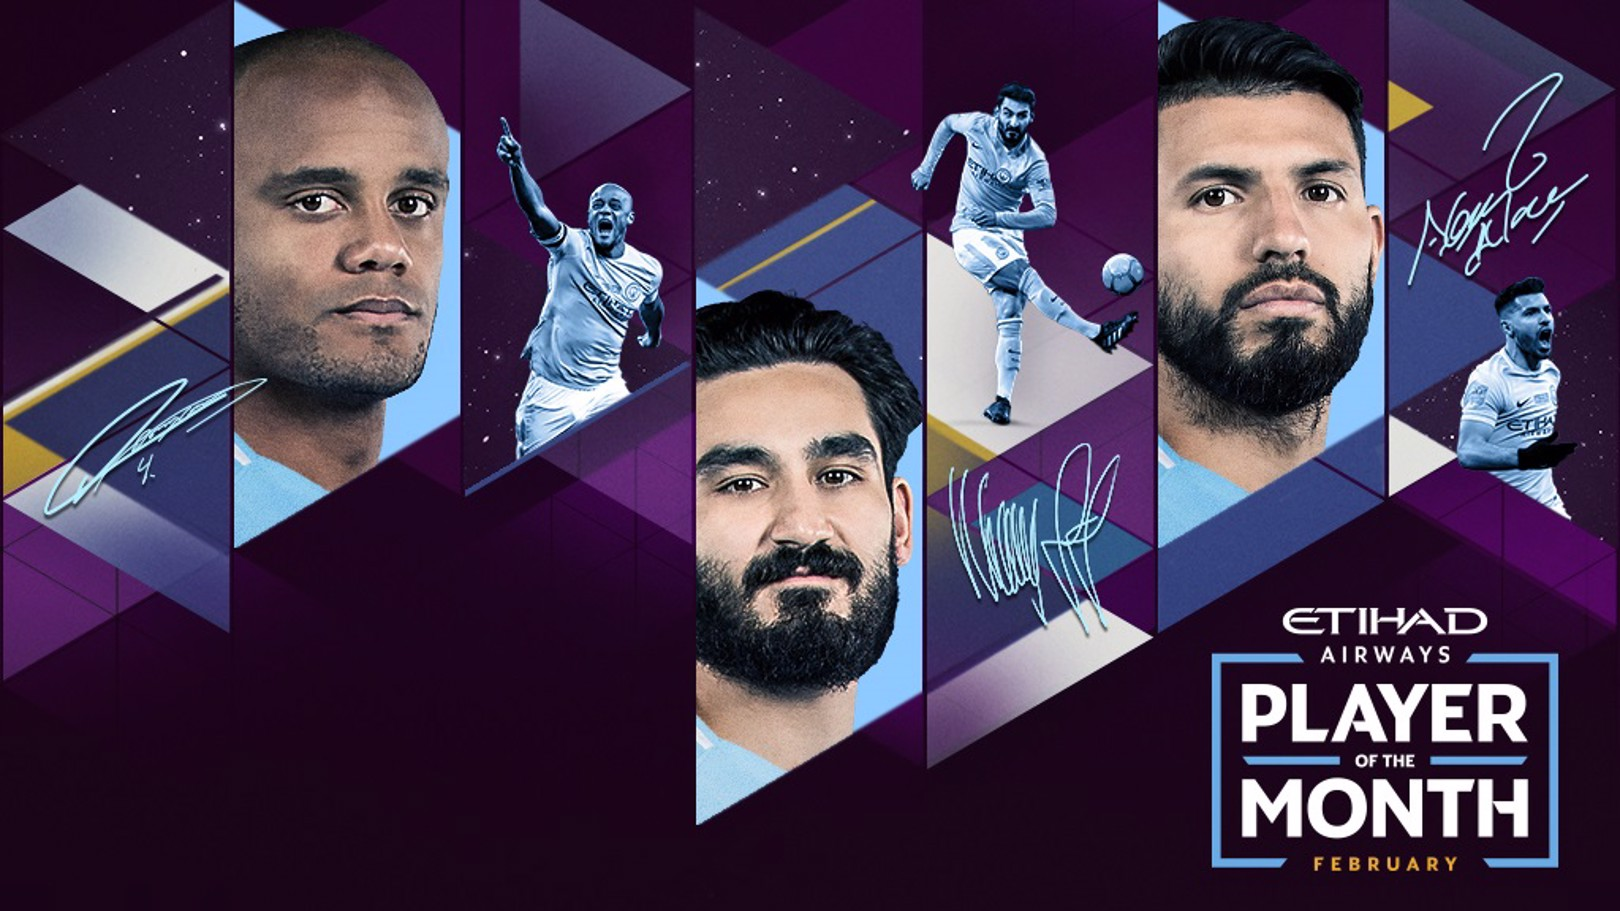 PREMIO ETIHAD AIRWAYS. ¿Quién ha sido el mejor jugador del City en febrero?